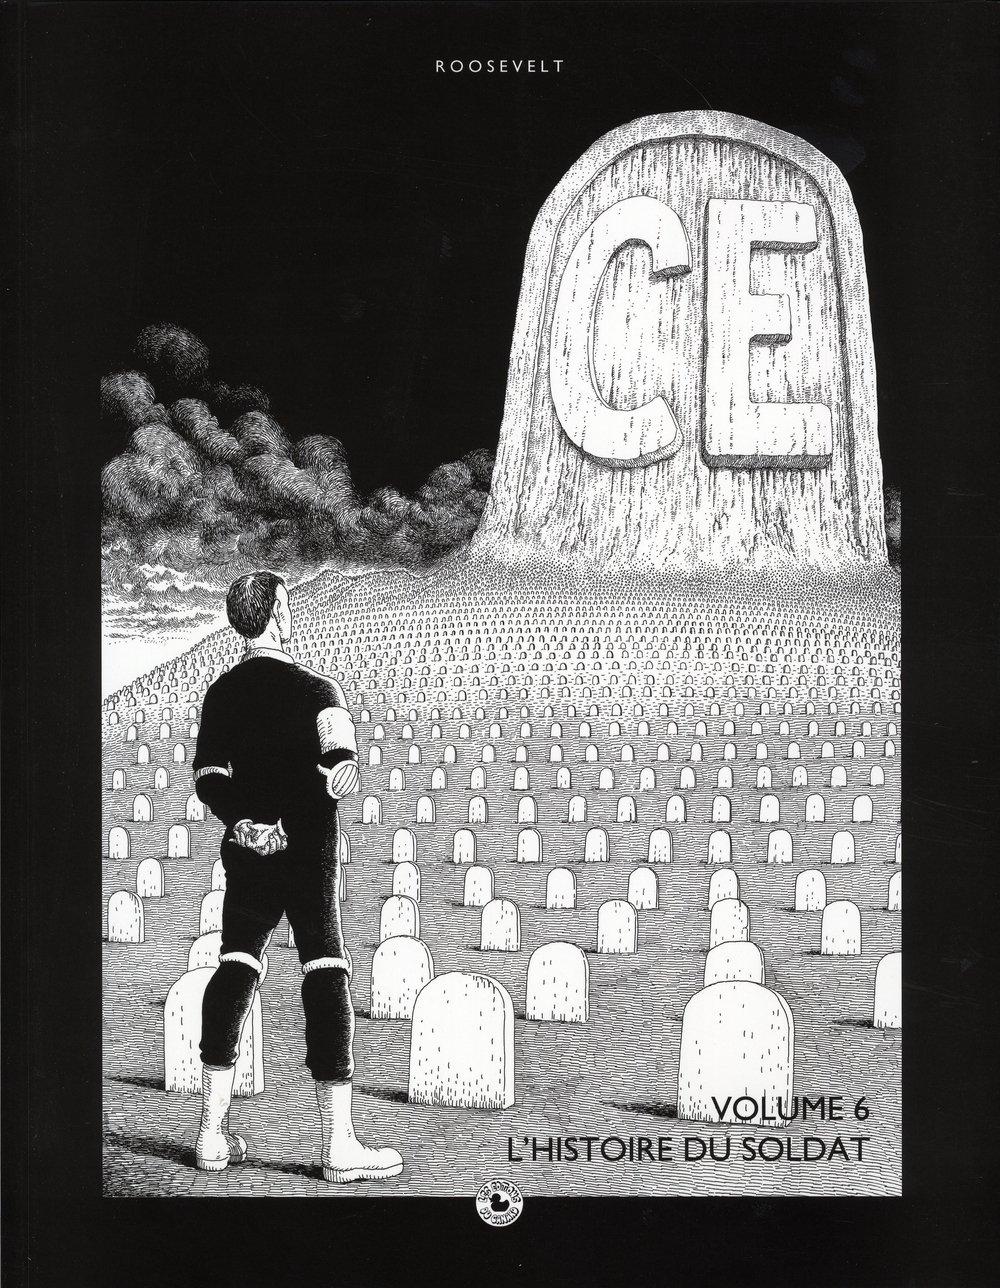 Ce, Tome 6 : L'histoire du soldat Album – 17 janvier 2012 José Roosevelt Pierre Yves Lador Les Editions du Canard 297006278X